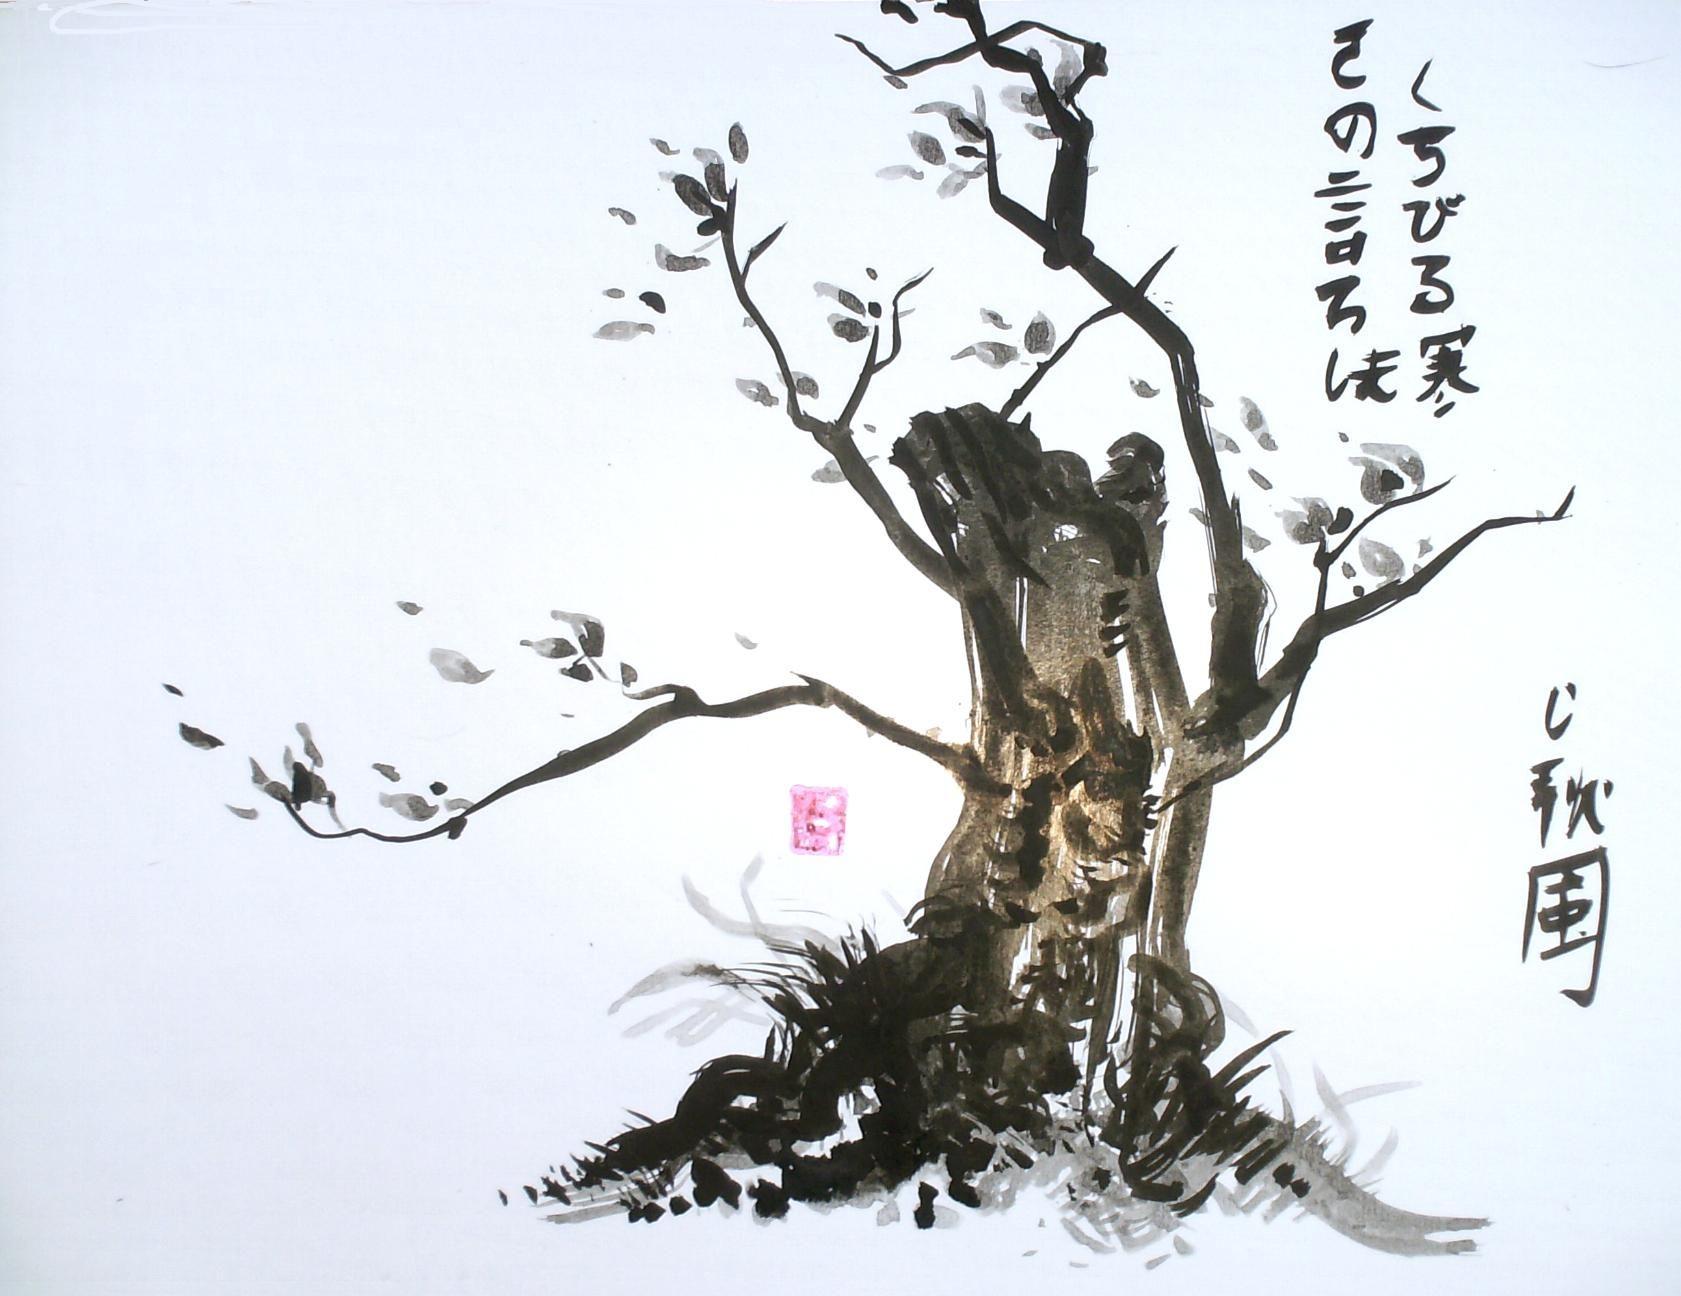 arbre estampe id e la voix des arbres pinterest cosmos arbre japonais et japonais. Black Bedroom Furniture Sets. Home Design Ideas